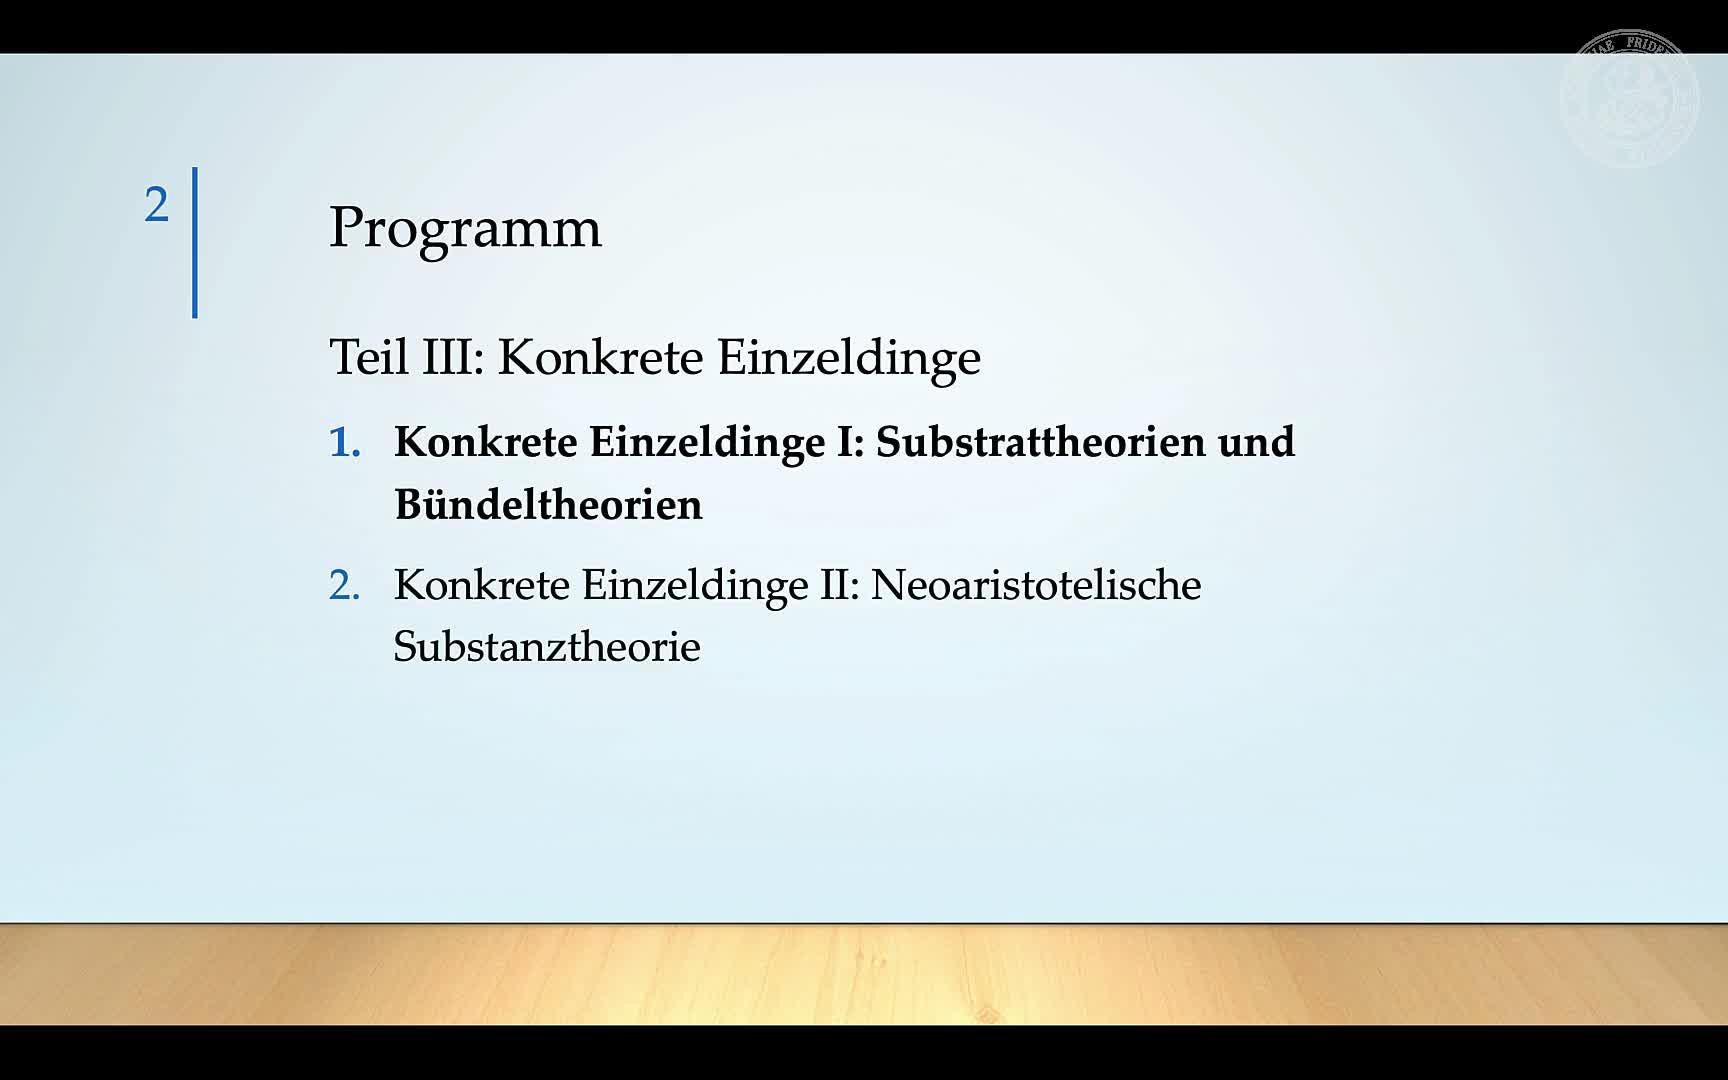 4.1.: Konkrete Einzeldinge (3.4.): Substrattheorie und Bündeltheorie III preview image